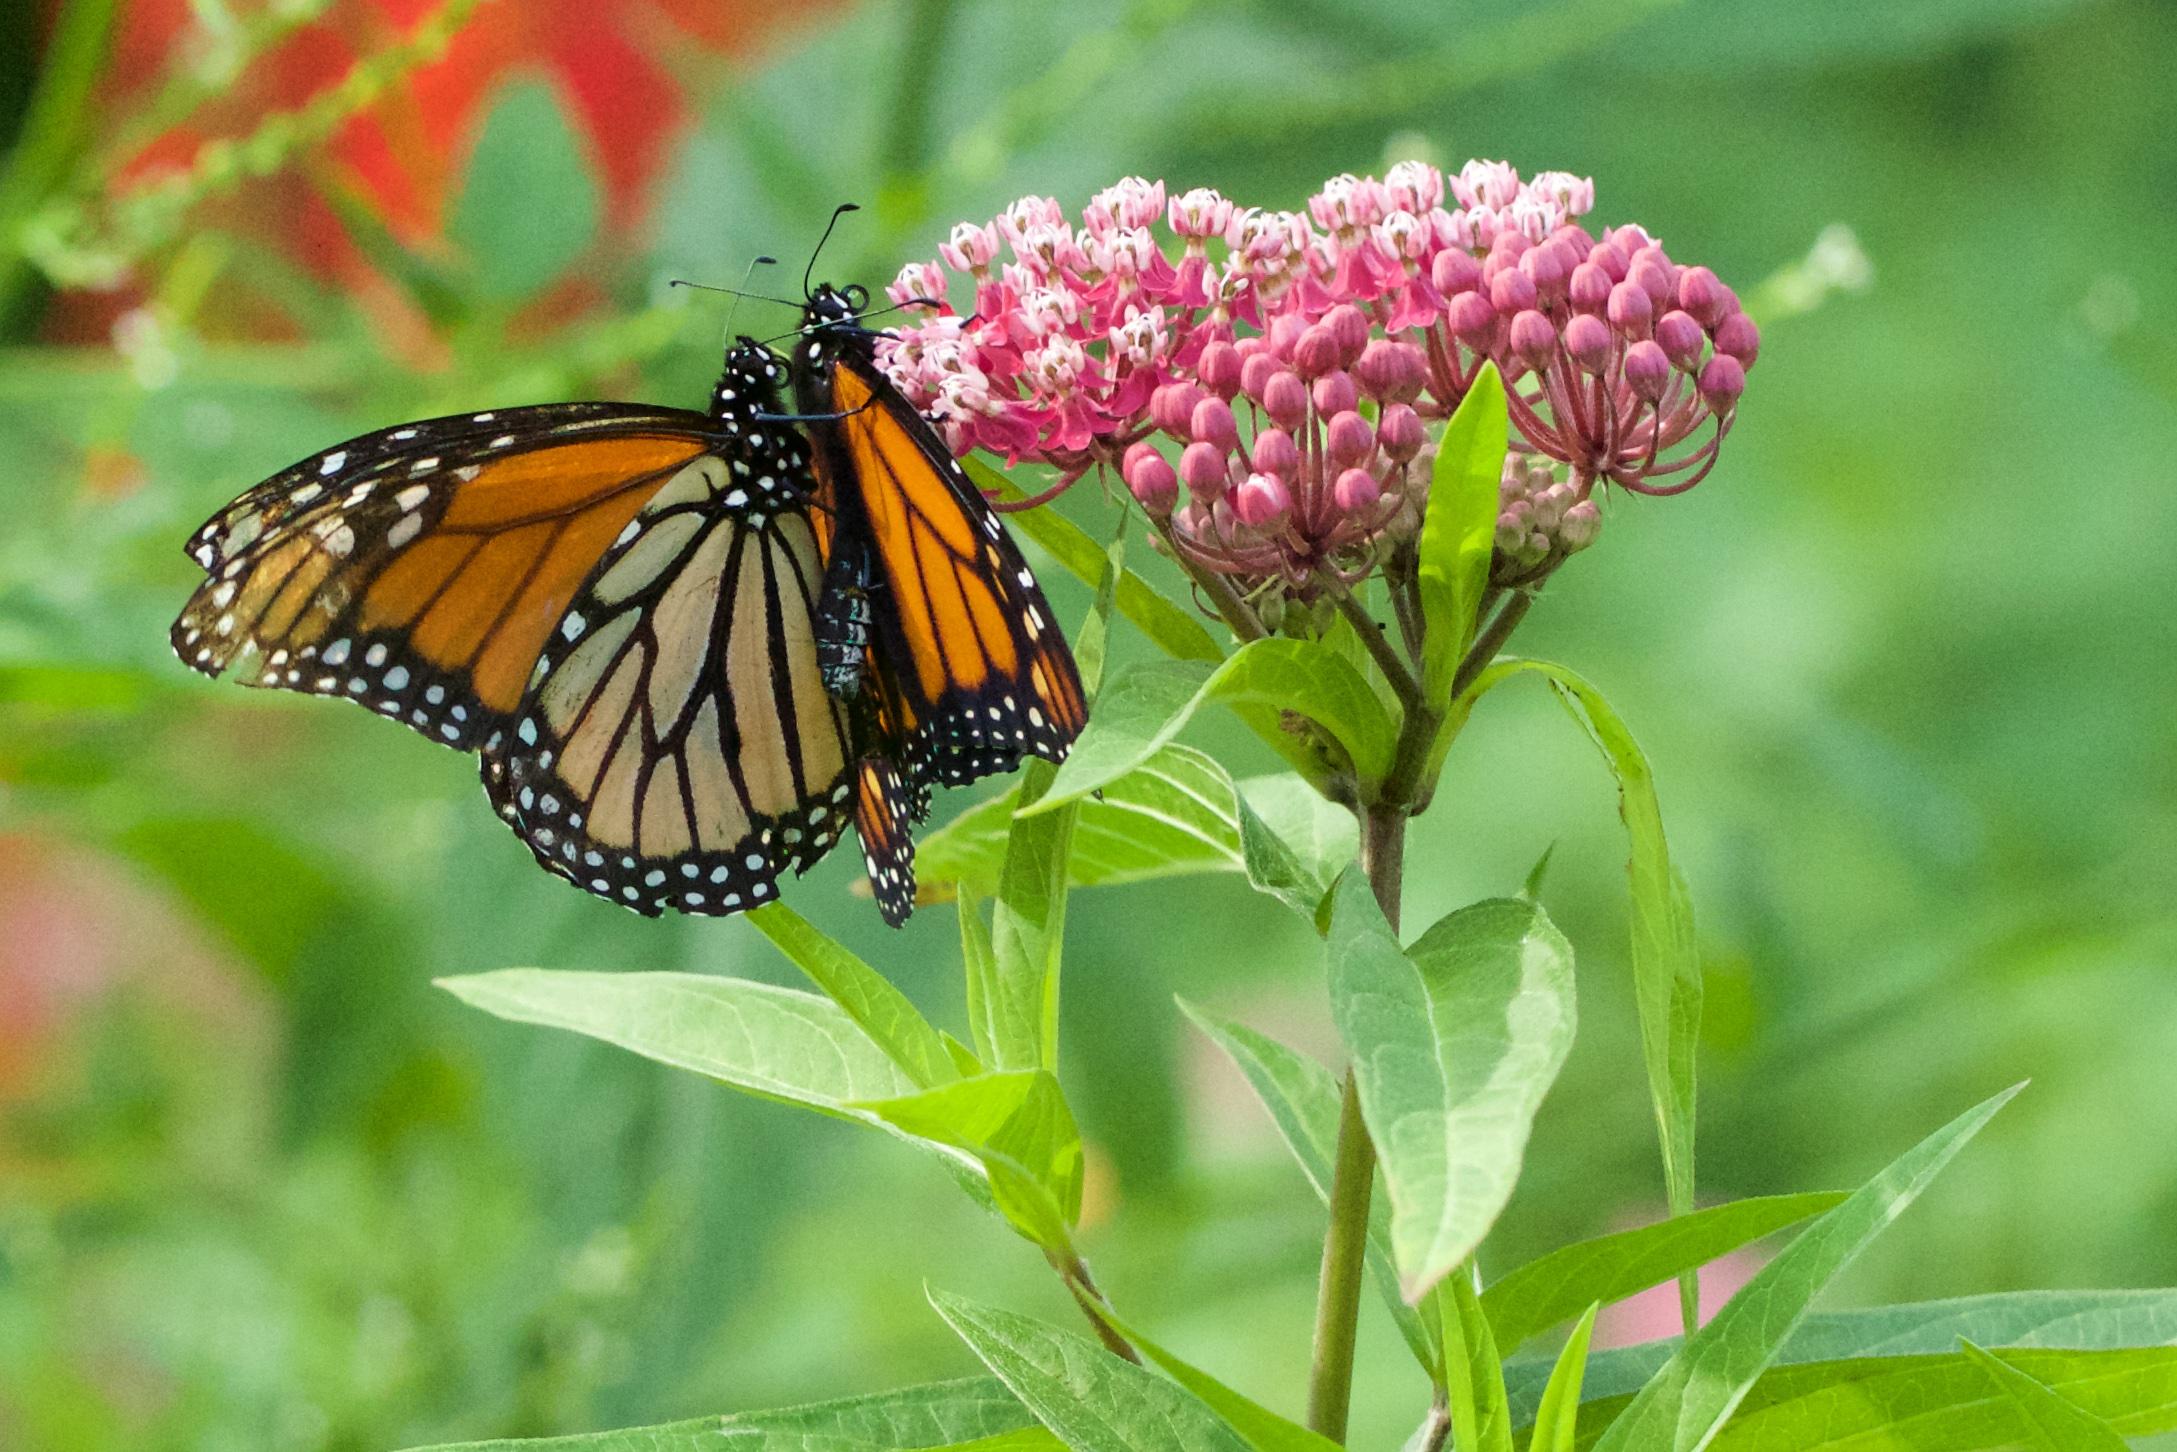 Monarchs on swamp milkweed. Photo by Arlene Koziol.  Download